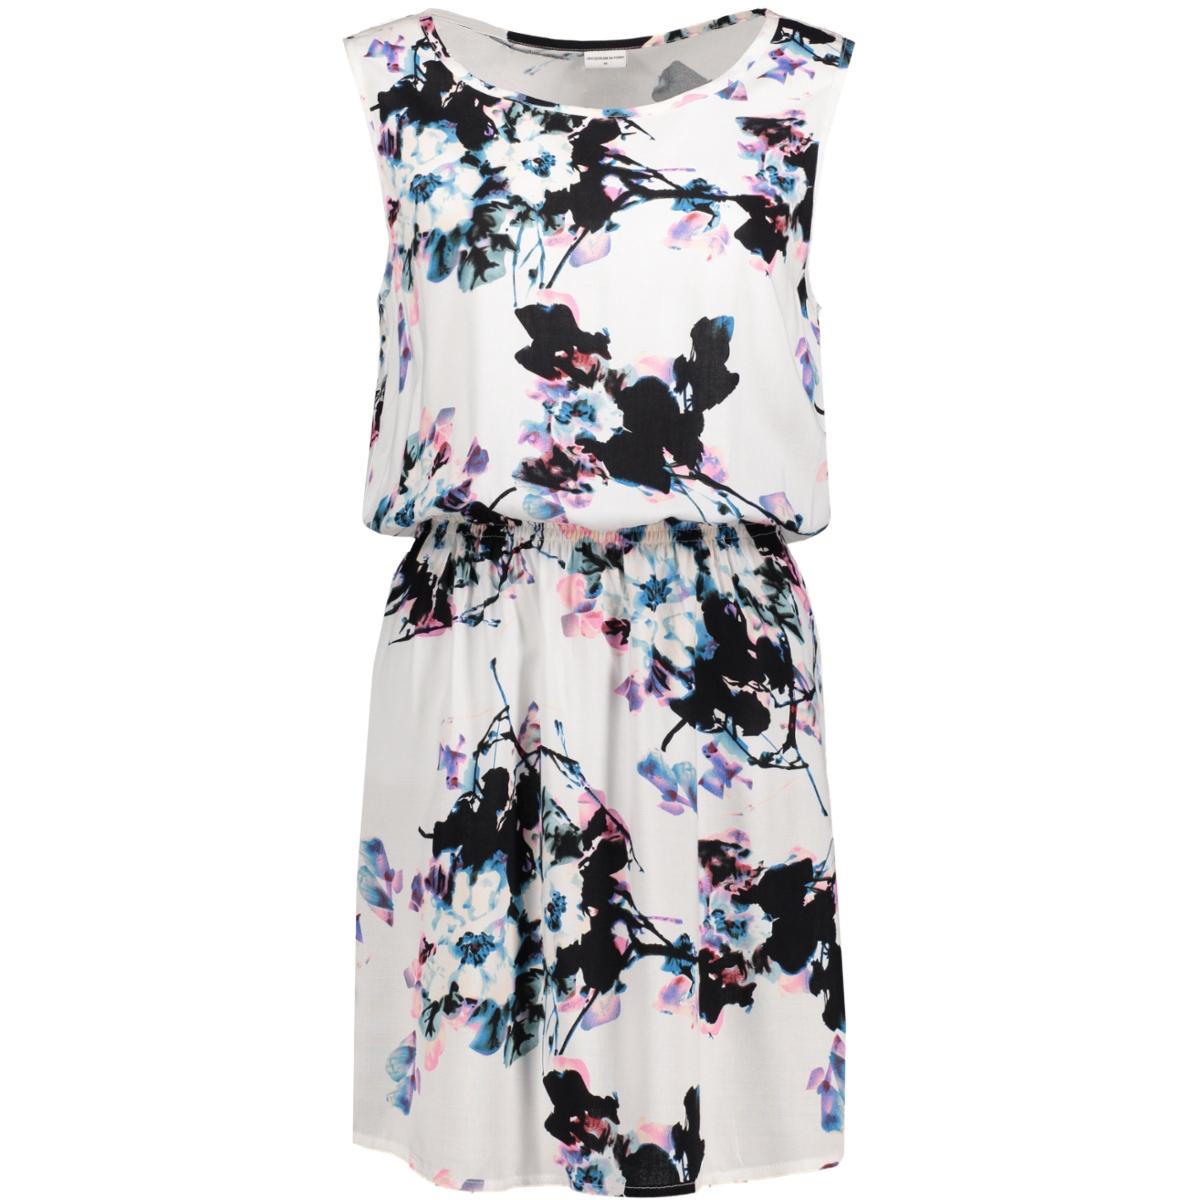 jdyepic s/l dress wvn 15129877 jacqueline de yong jurk cloud dancer/epic dusty